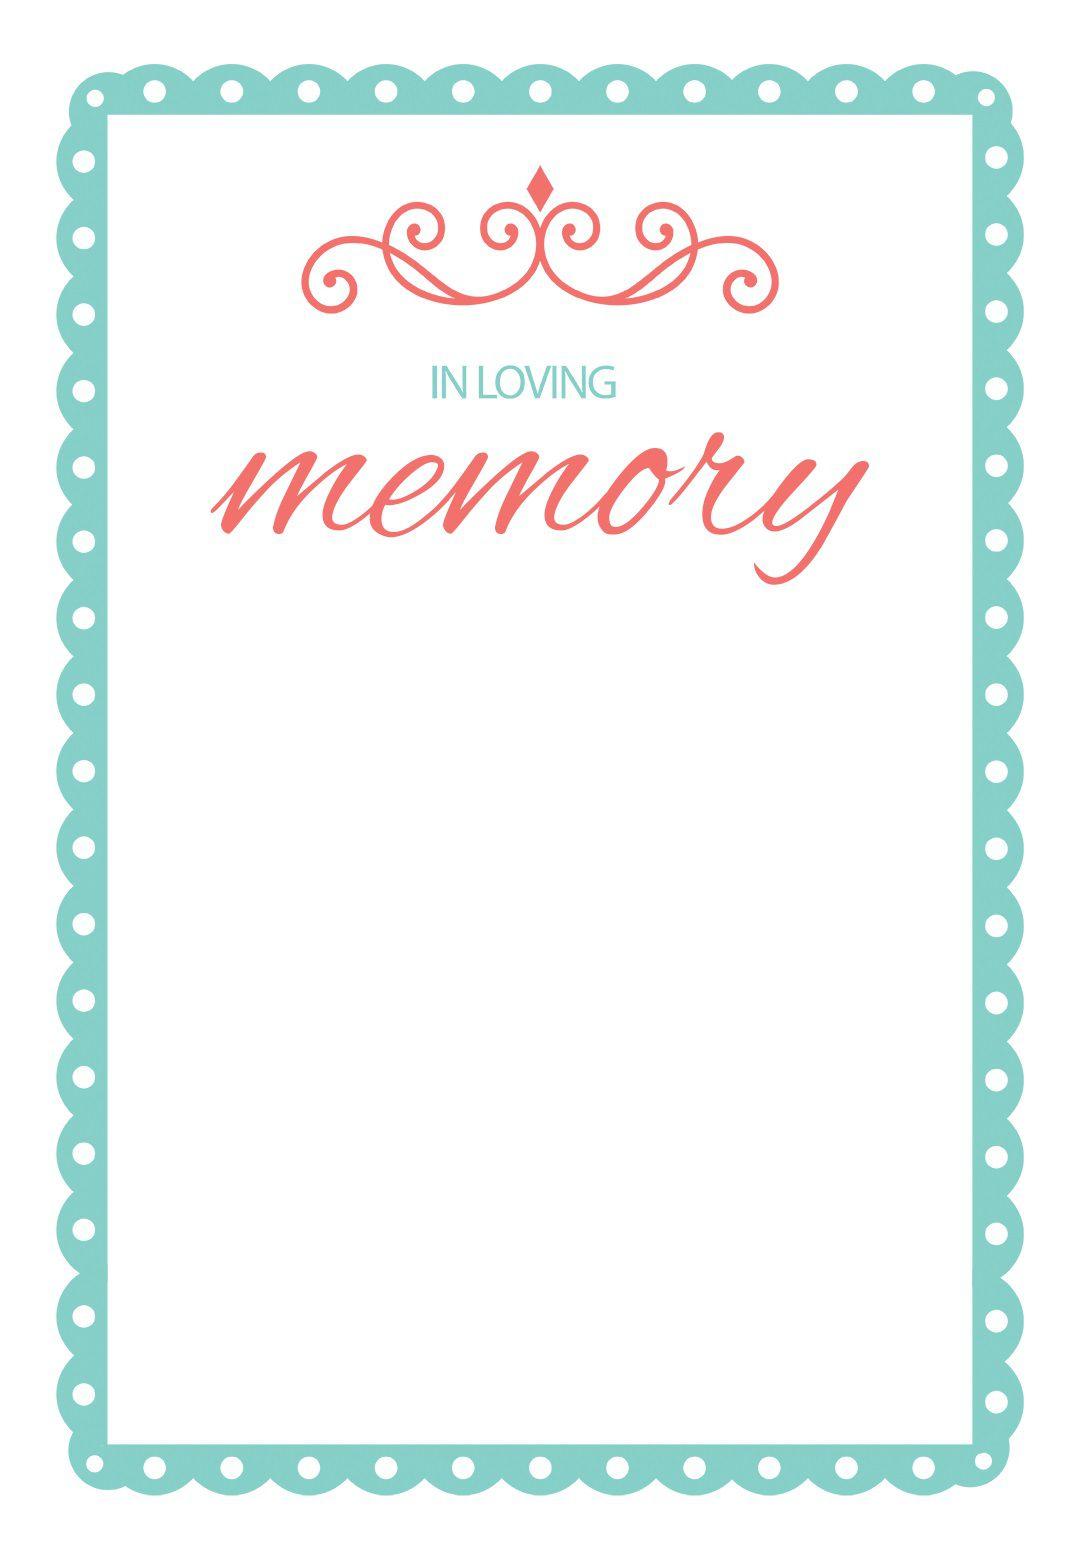 004 Fascinating Memorial Card Template Free Download Design Full